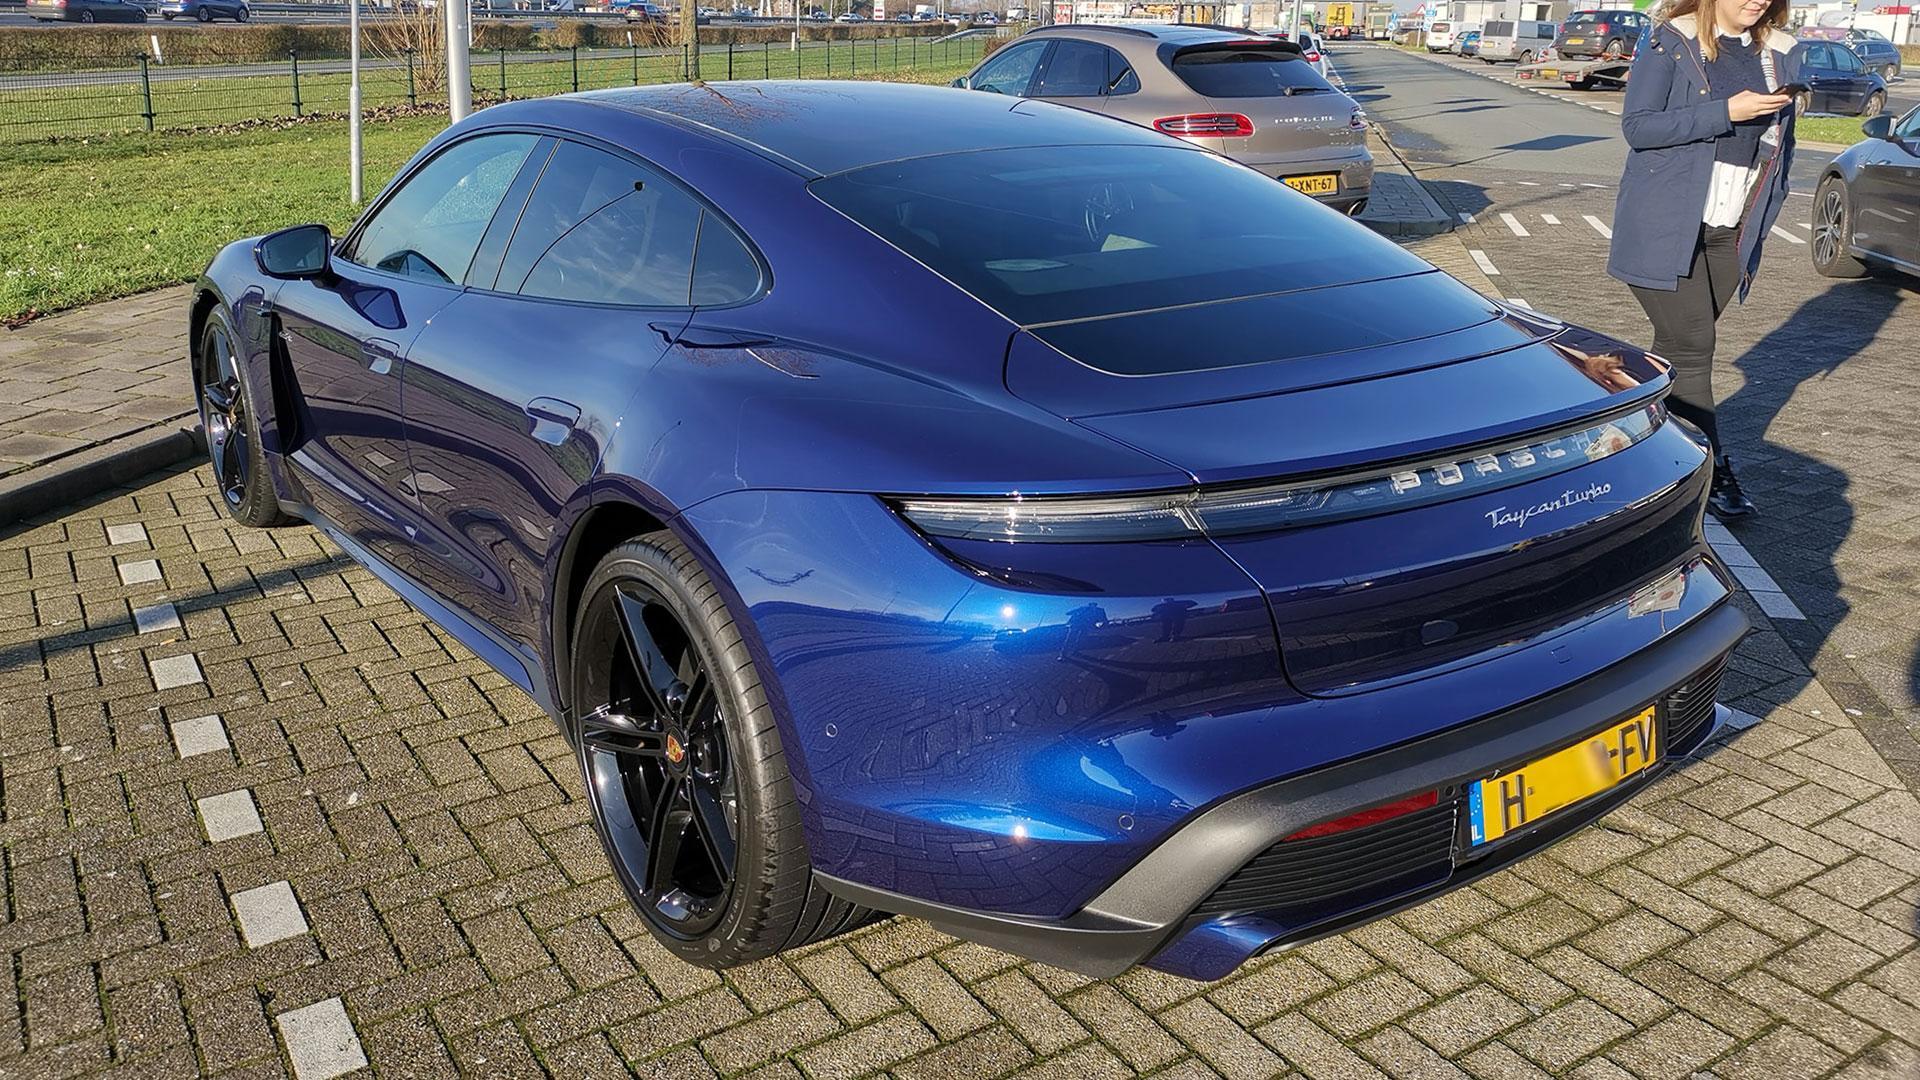 Nederlandse Porsche Taycan Turbo Blauw